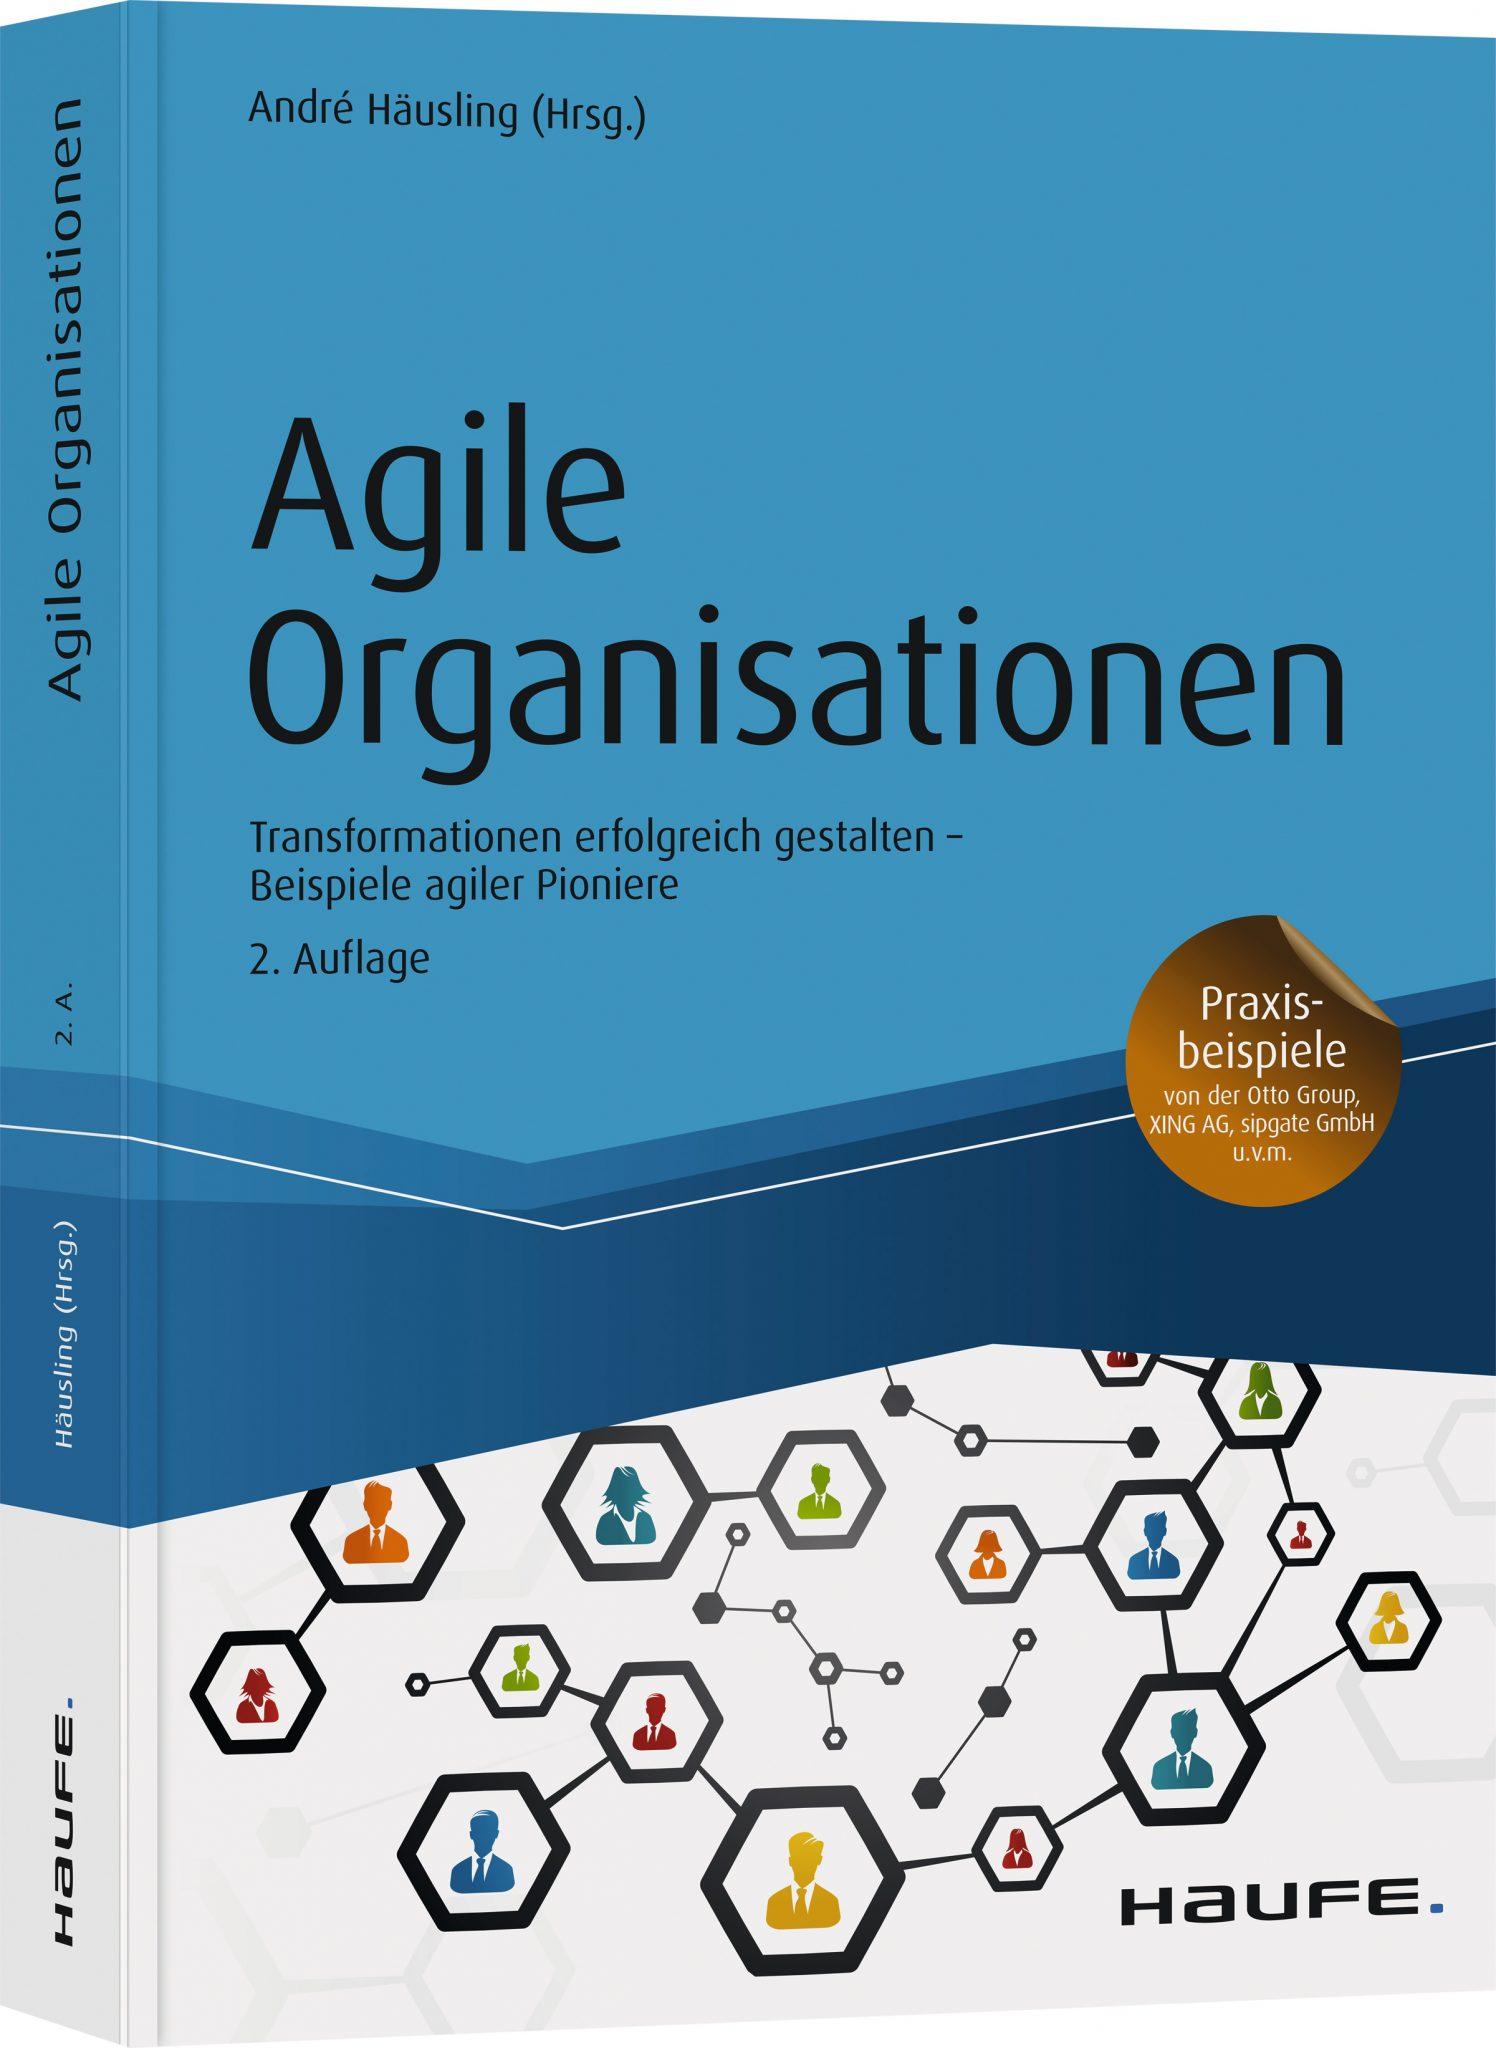 Agile Organisationen zweite Auflage